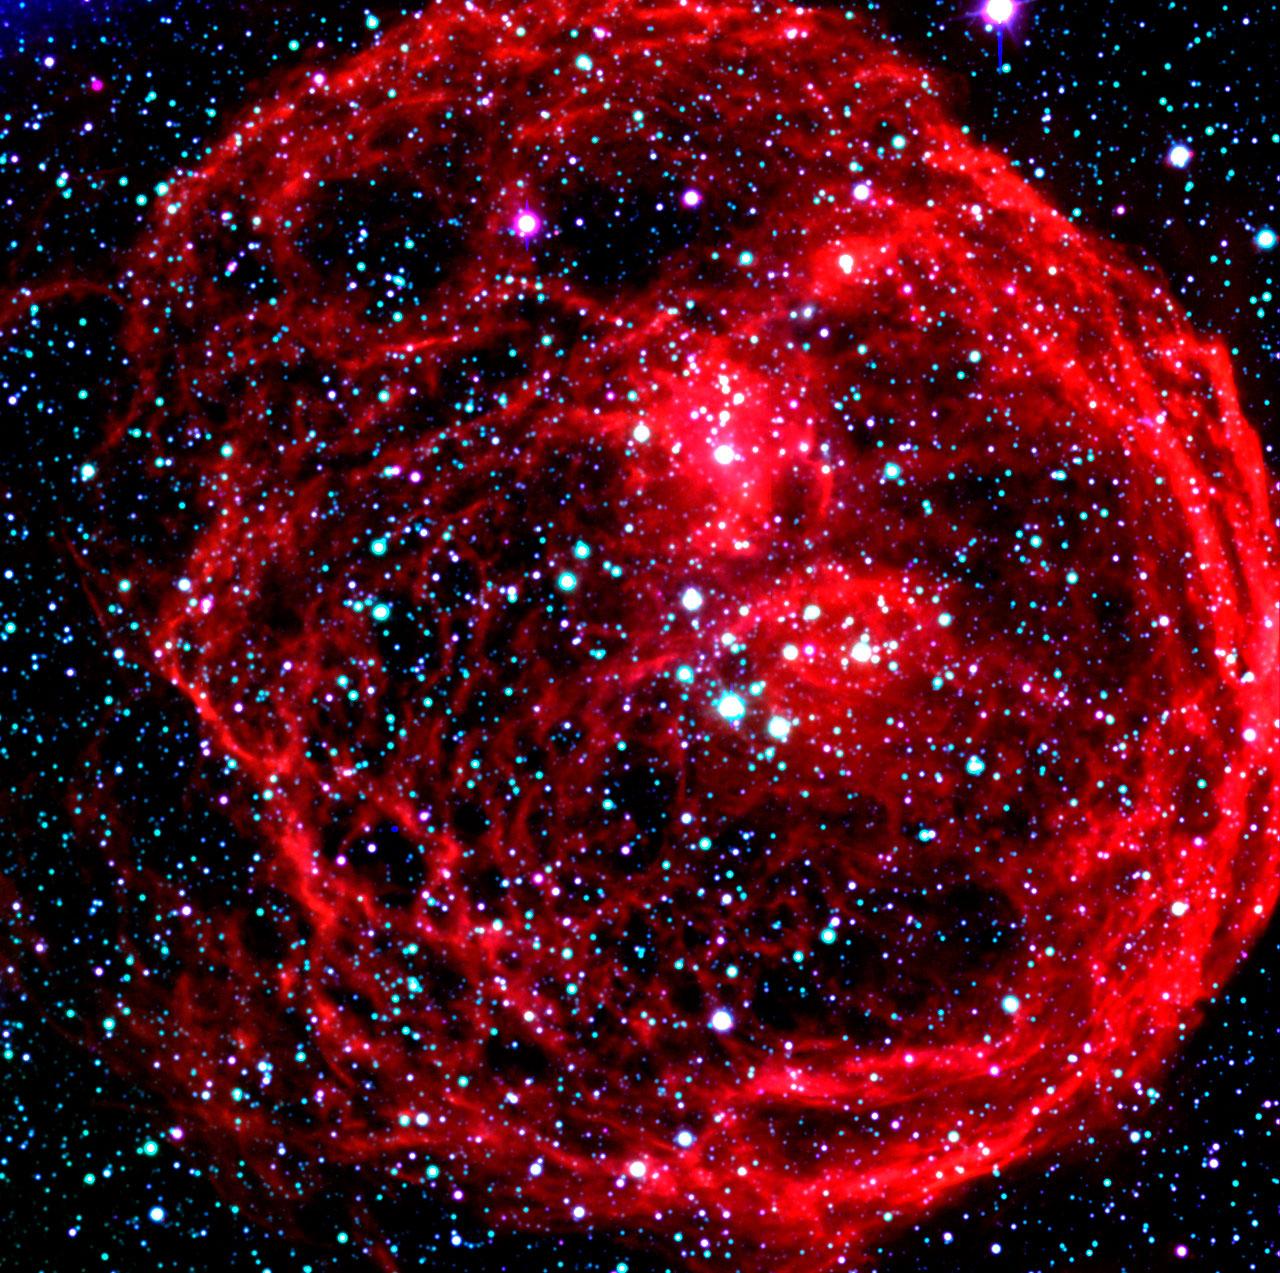 N70 Nebula in the Large Magellanic Cloud